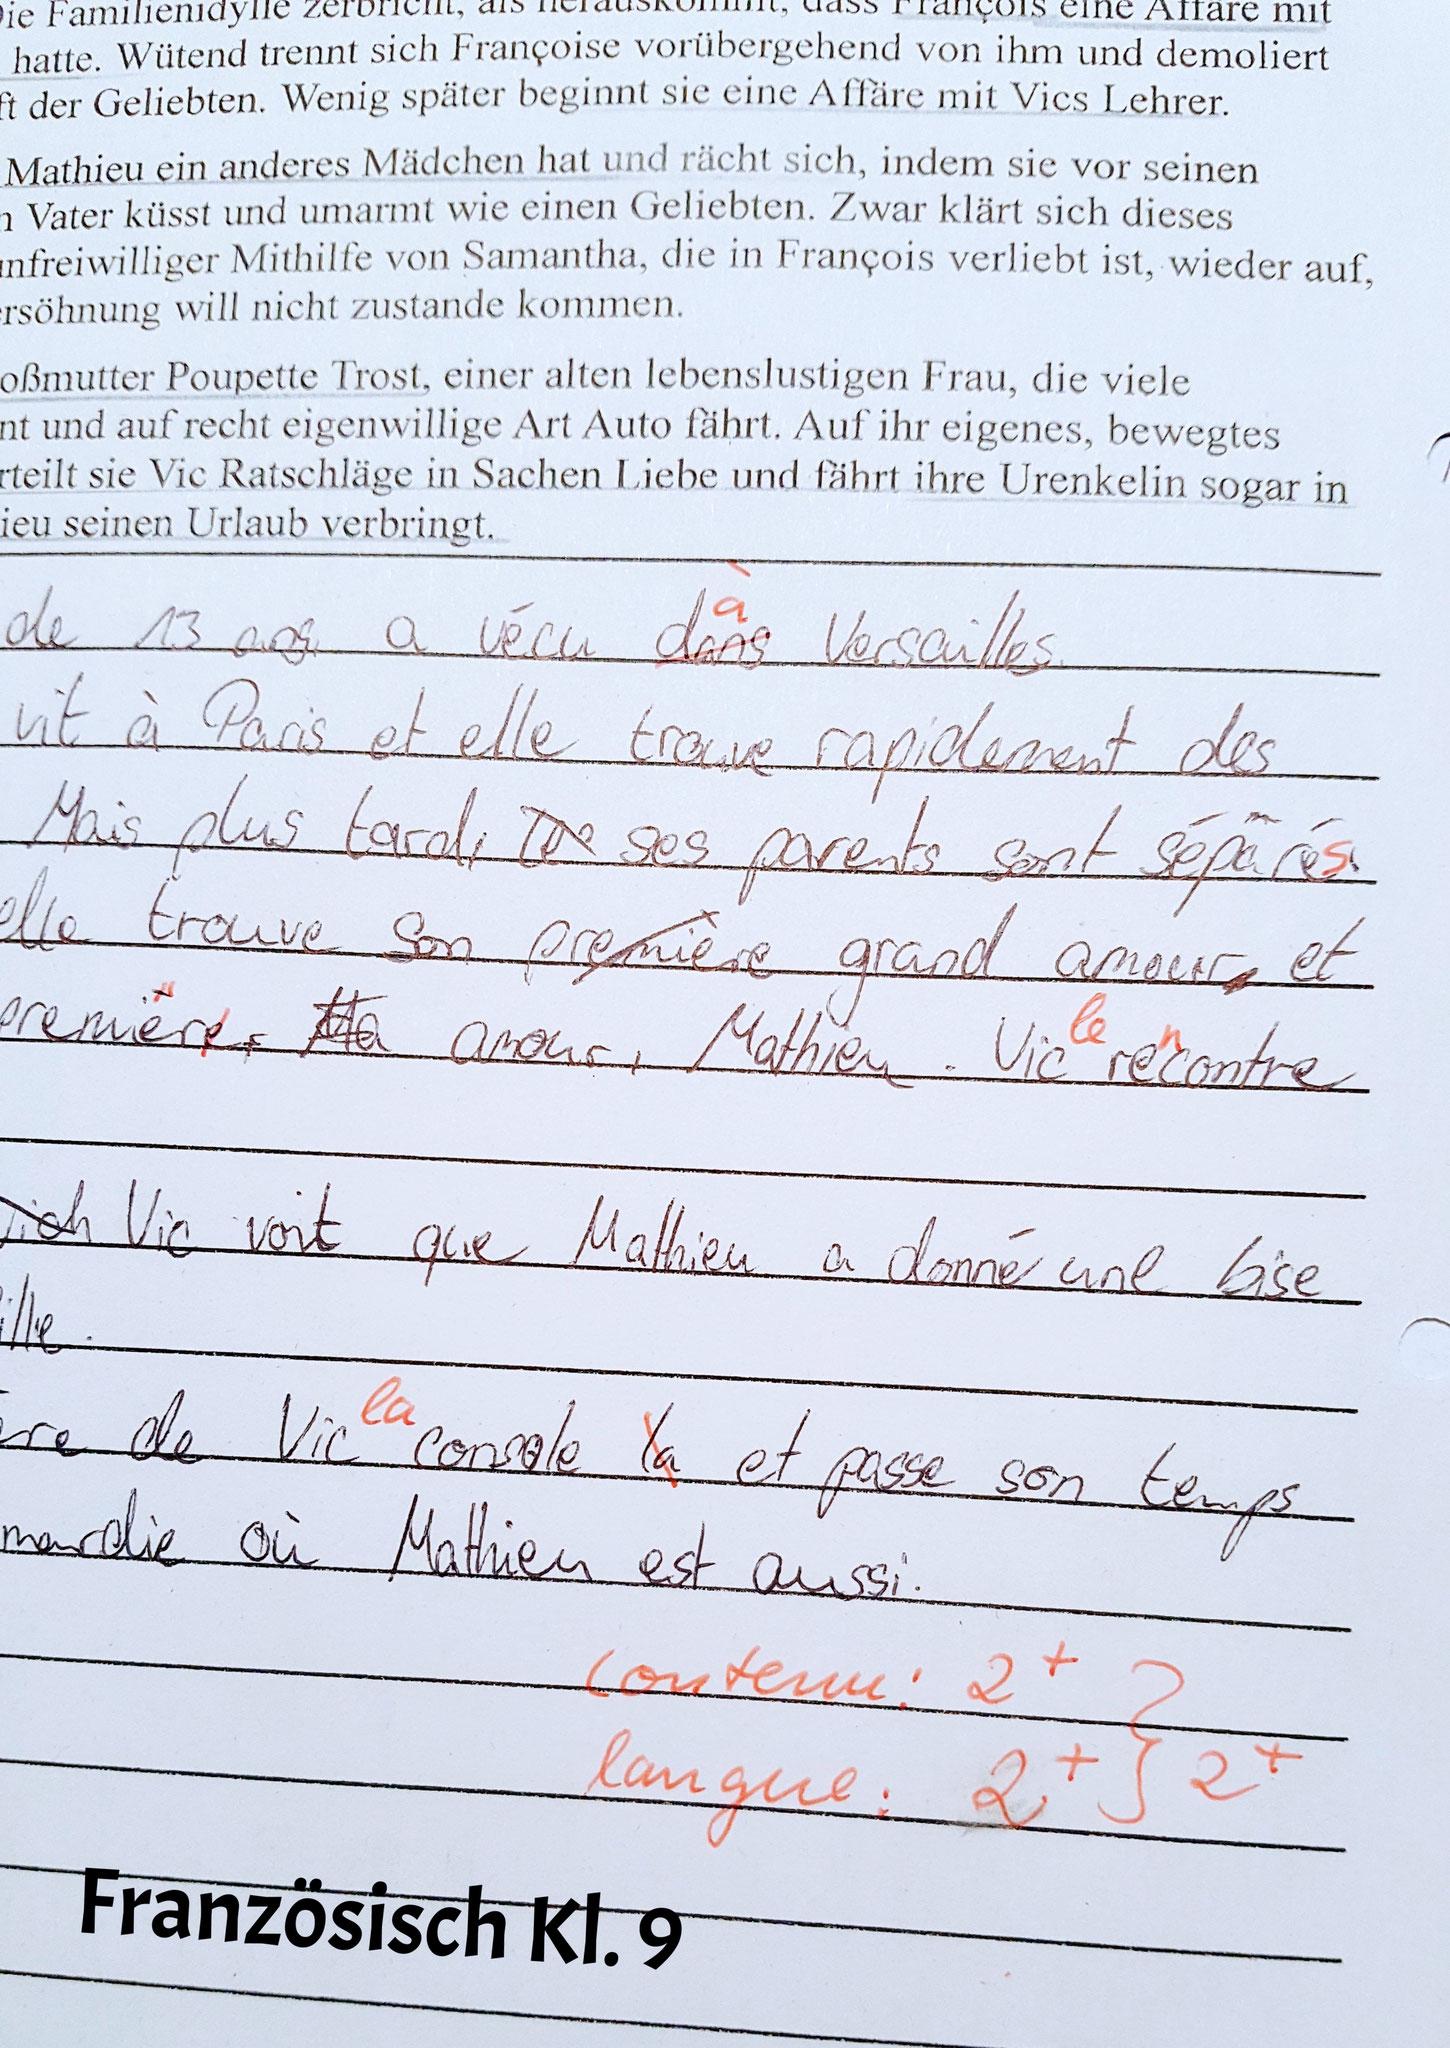 In Französisch Klasse 9 hat Cindy tolle 2+